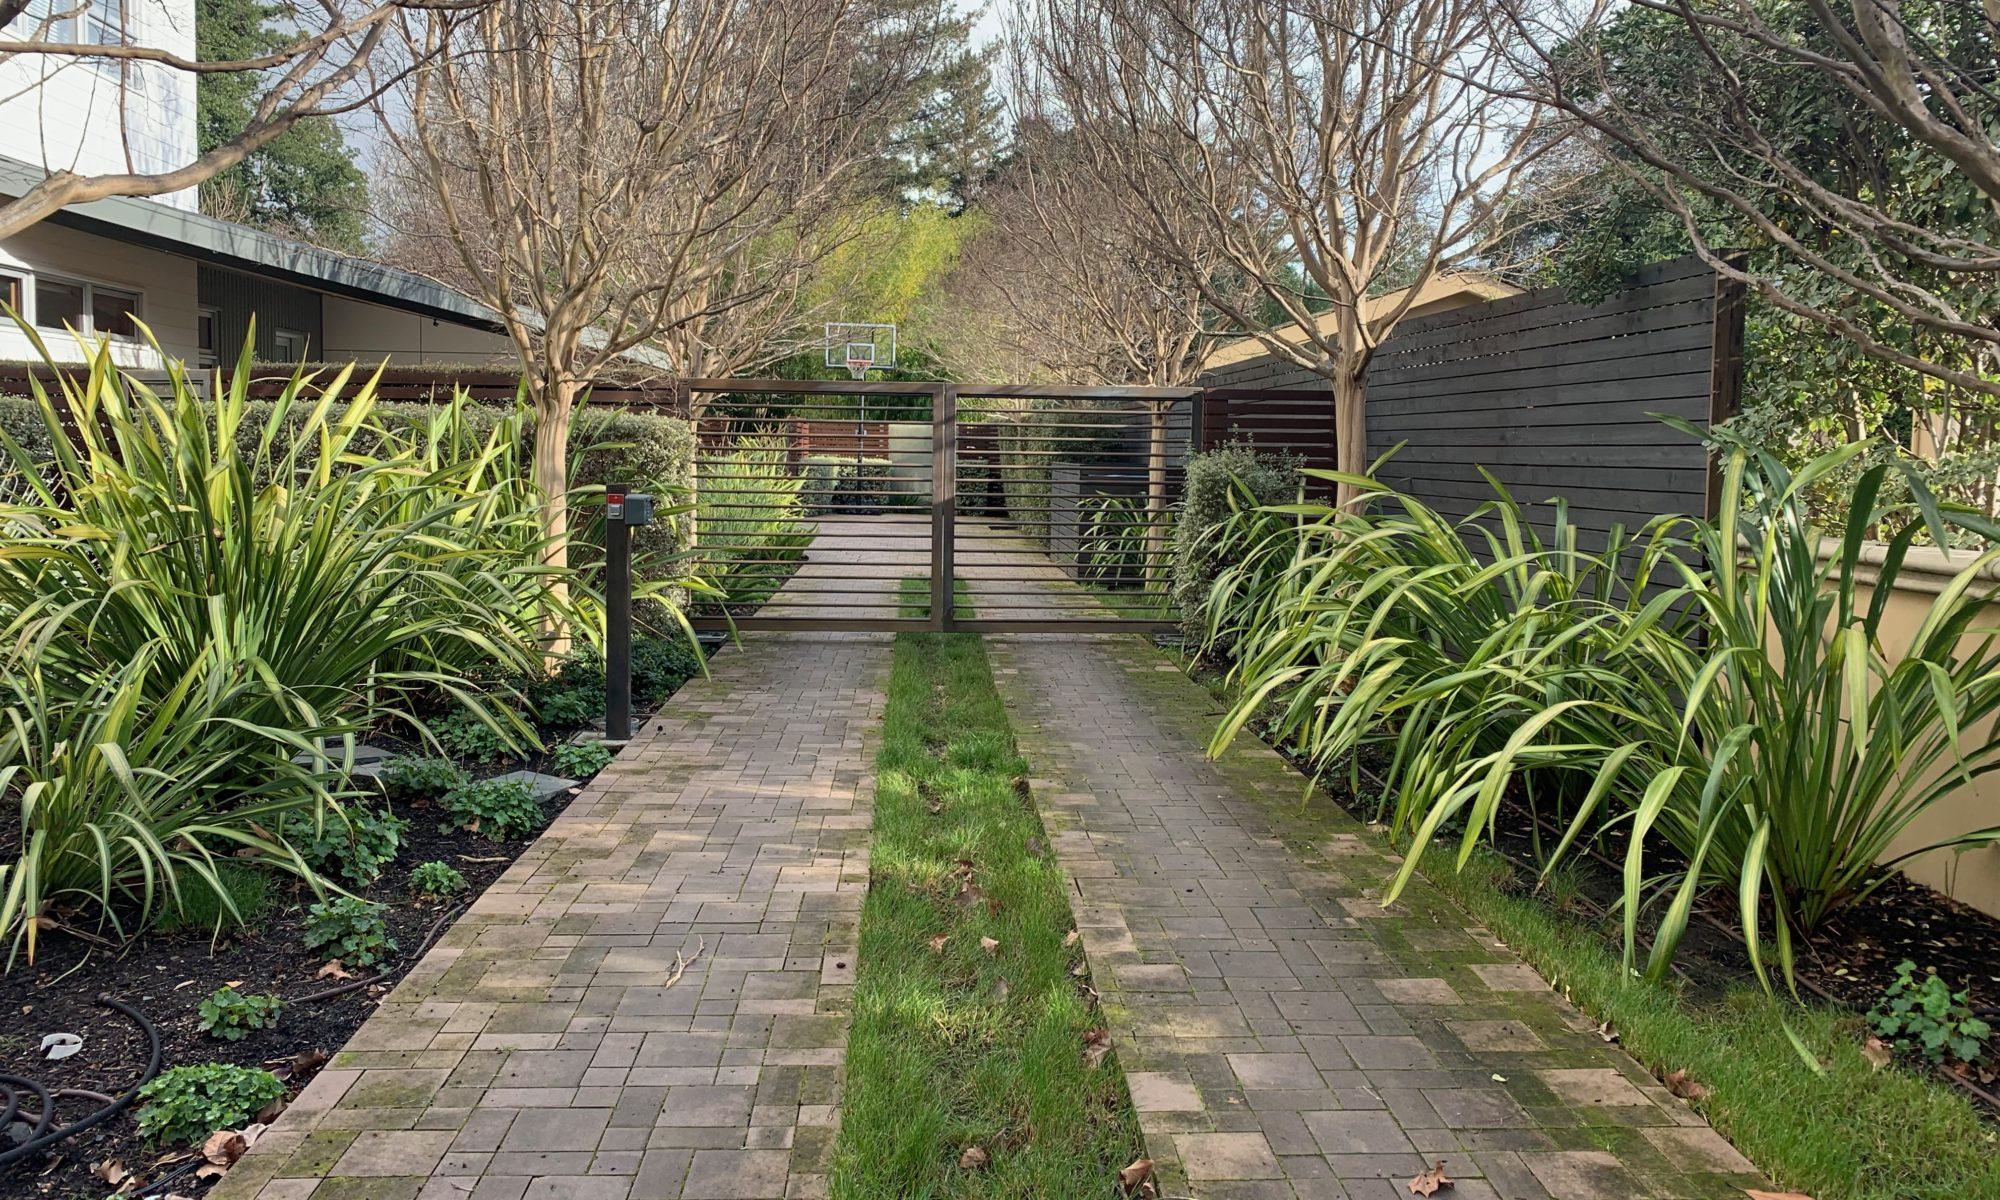 Garden Club of Palo Alto